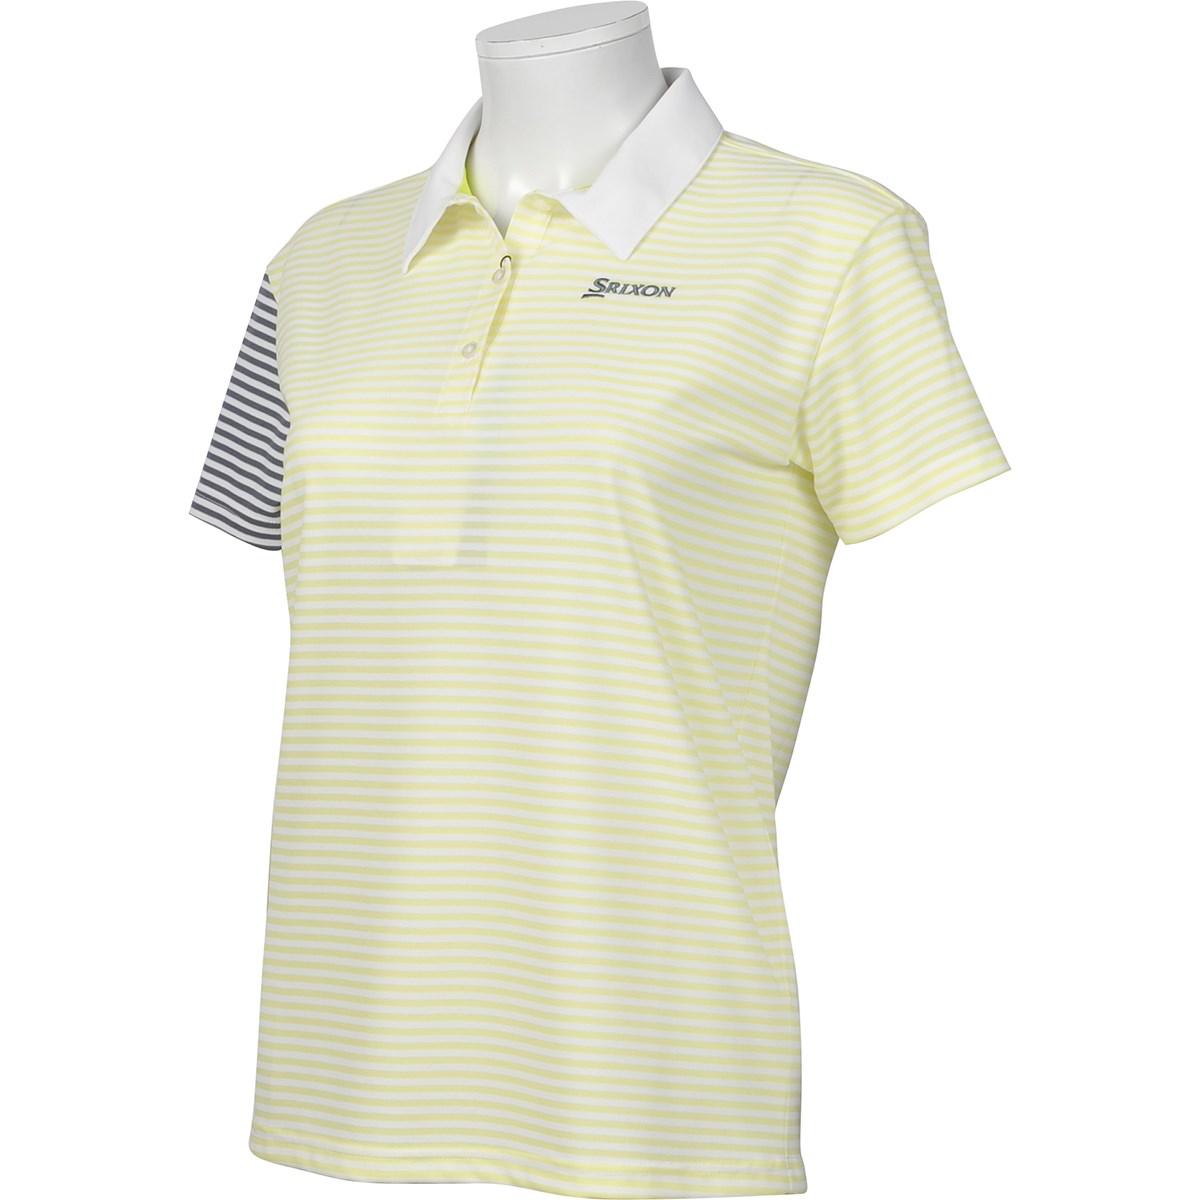 スリクソンゴルフ SRIXON 半袖ポロシャツ M イエロー 00 レディス